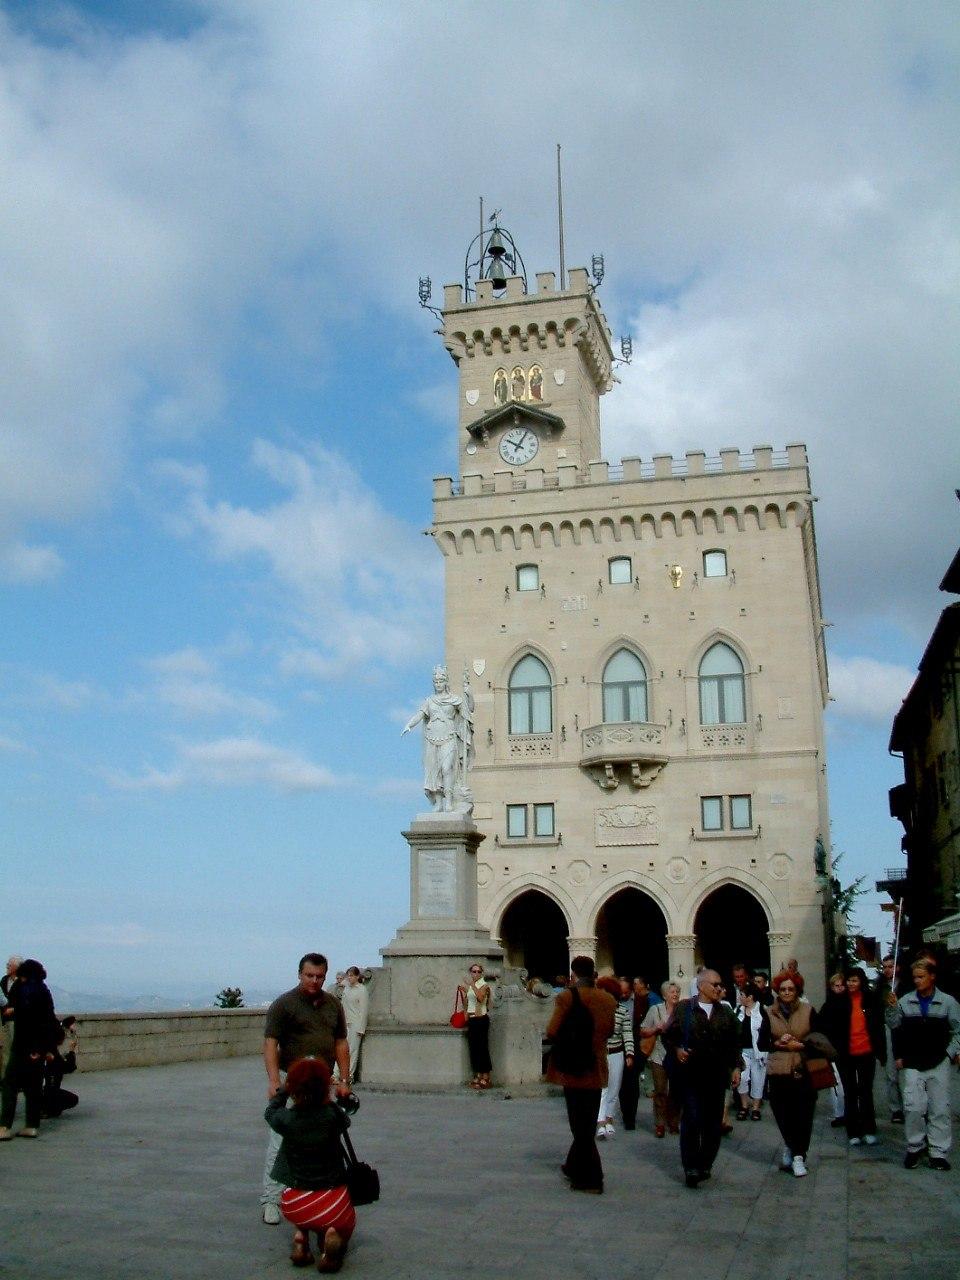 Кметството (Palazzo Publico) в Сан Марино